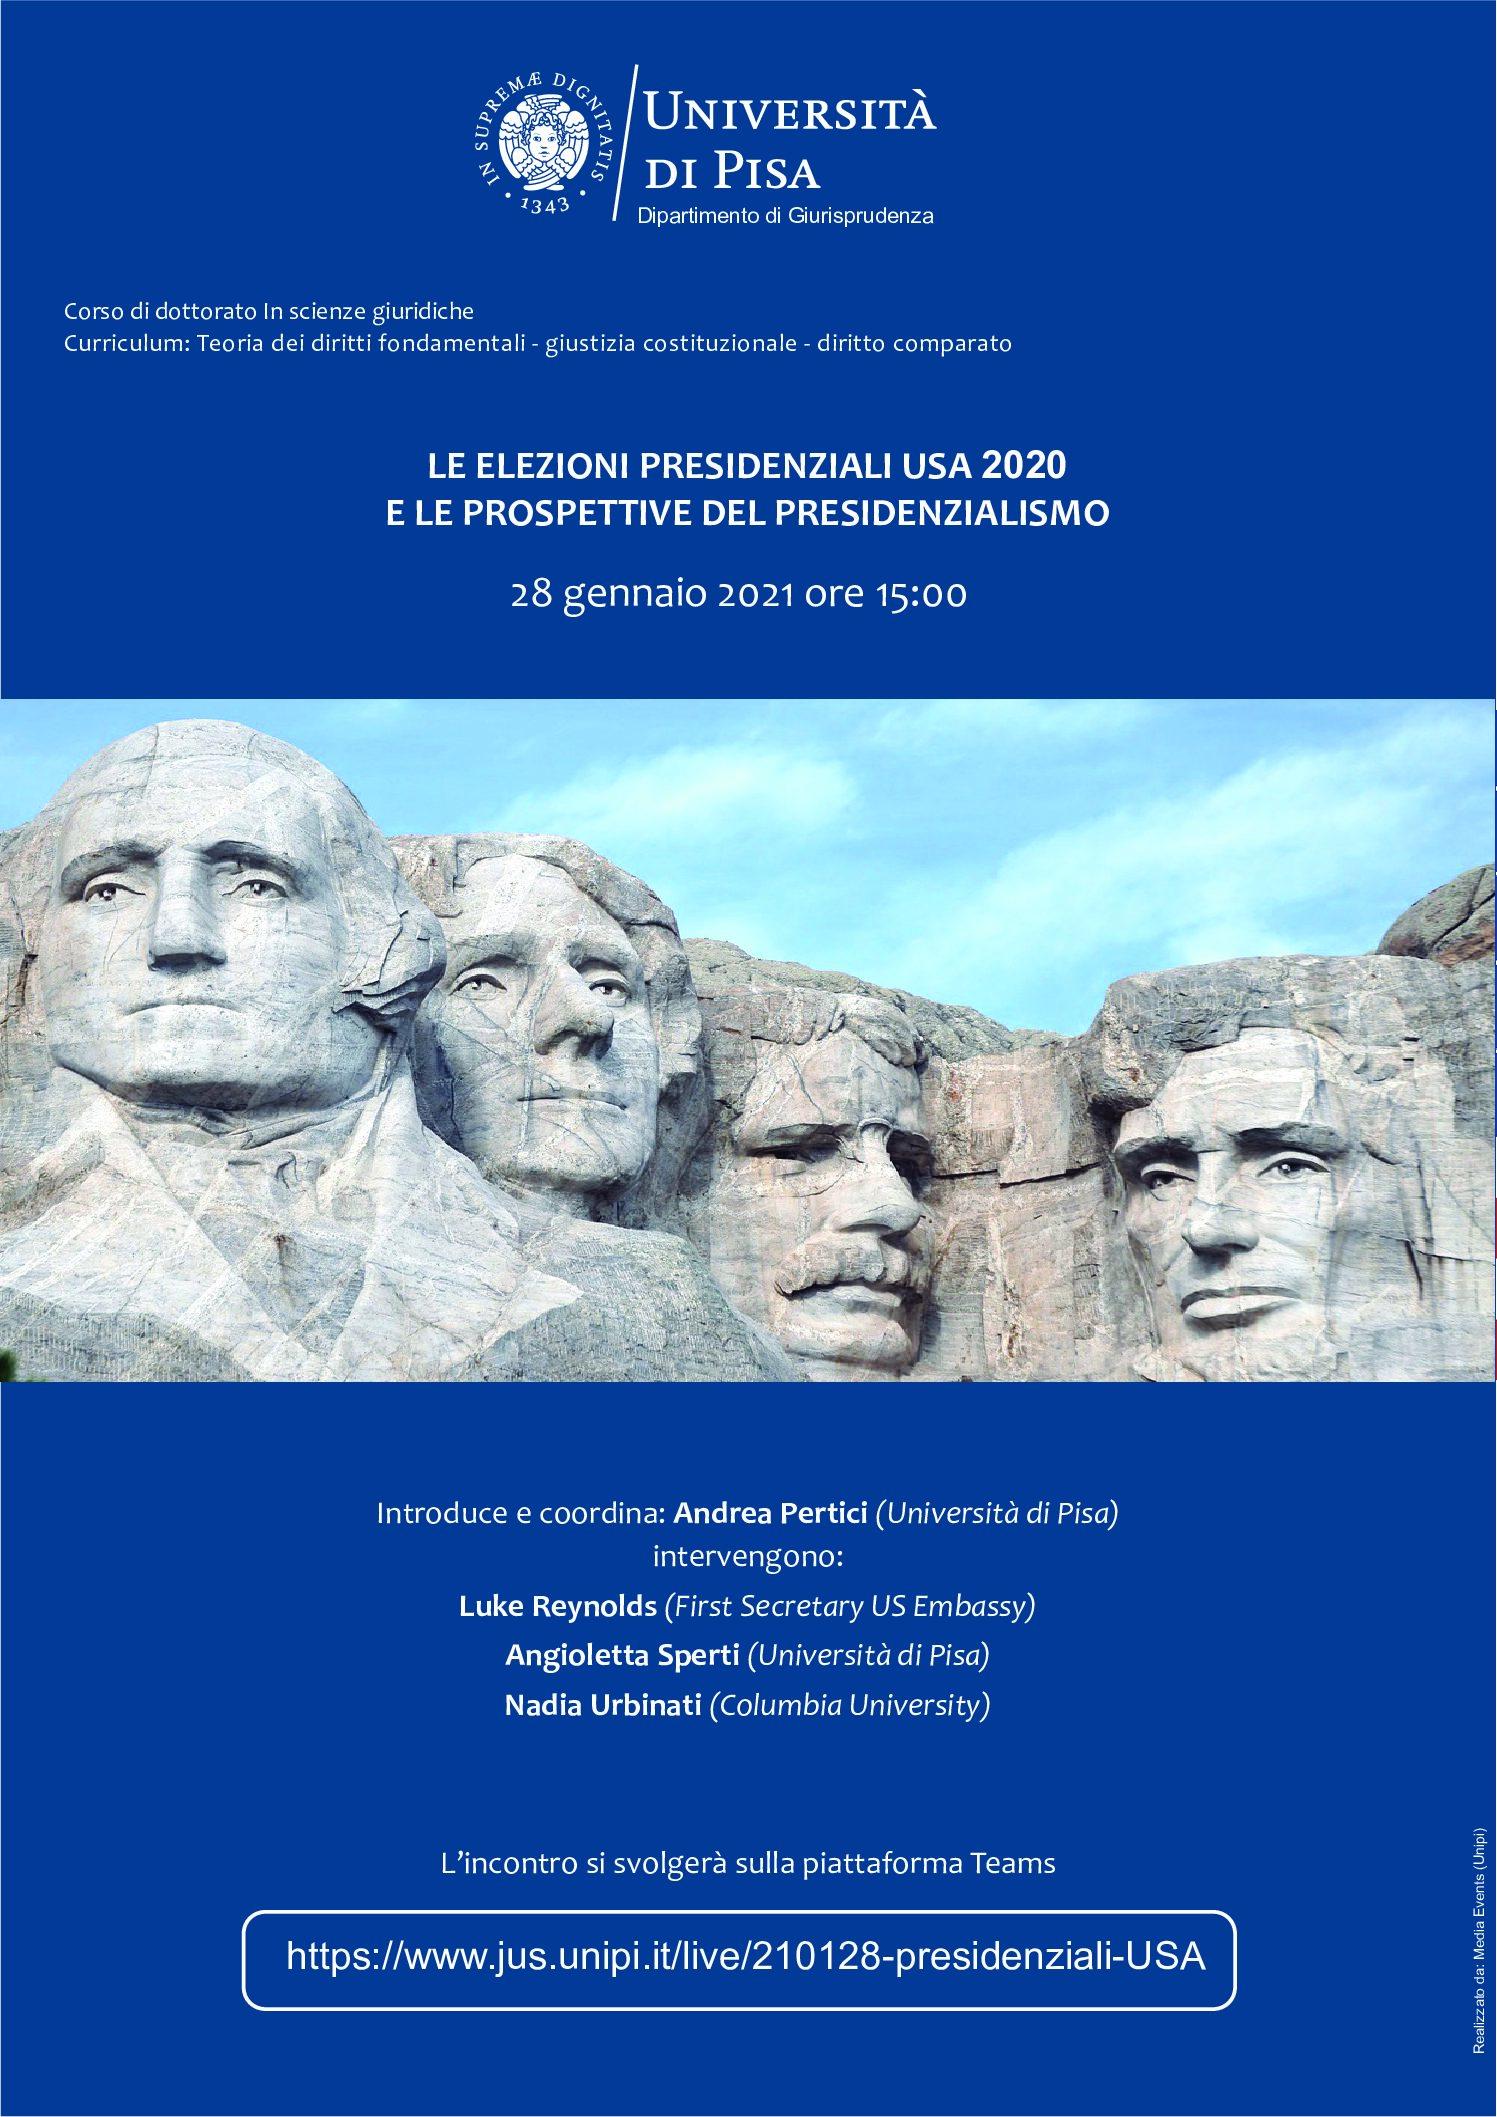 Le elezioni presidenziali USA e le prospettive del presidenzialismo